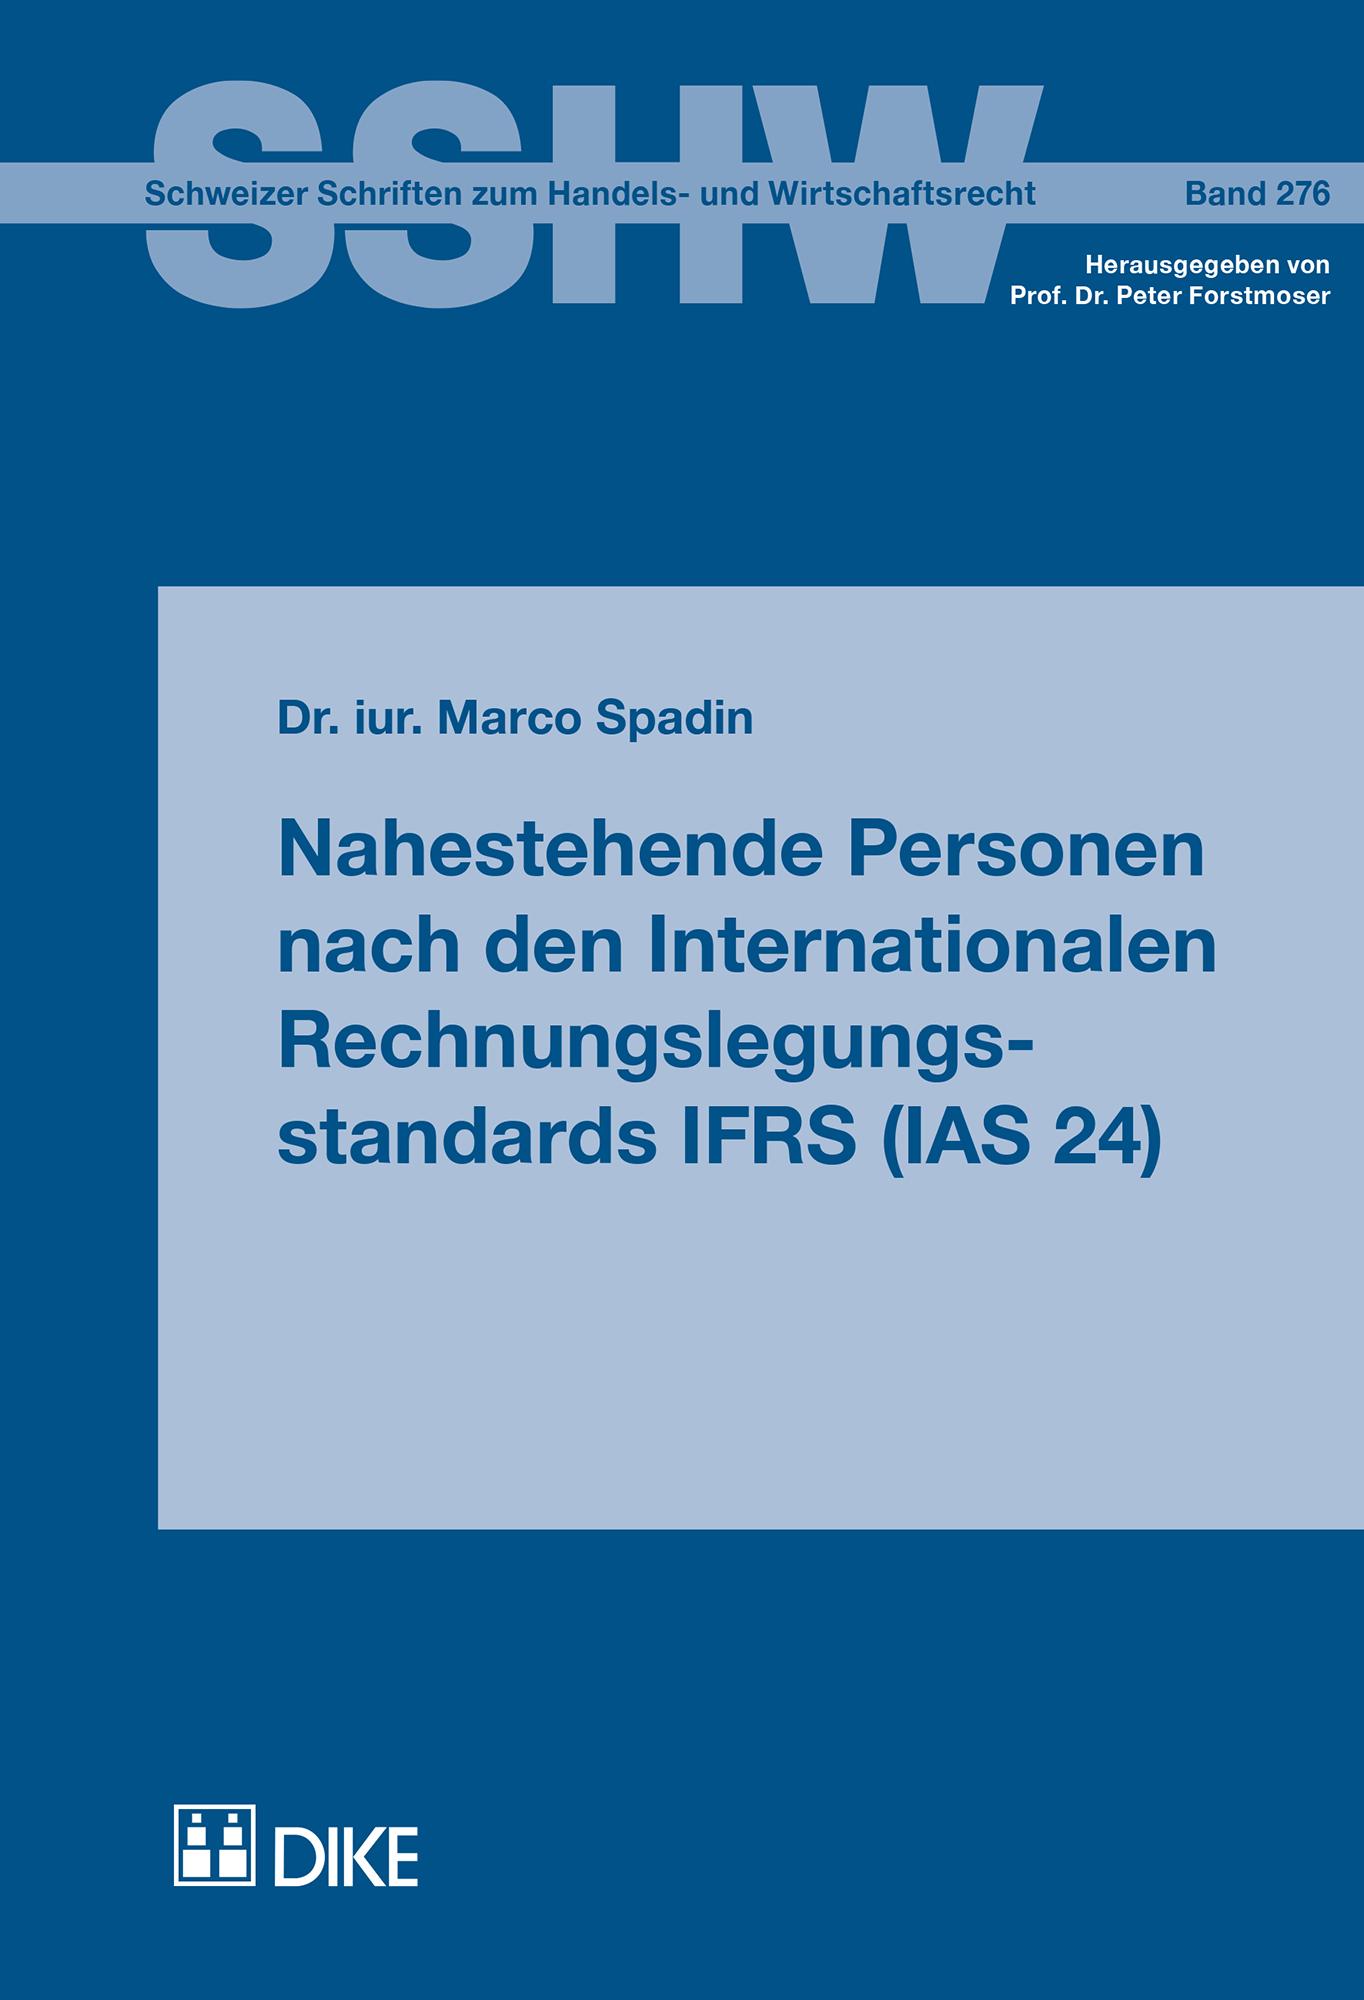 Nahestehende Personen nach den Internationalen Rechnungslegungsstandards IFRS (IAS 24)